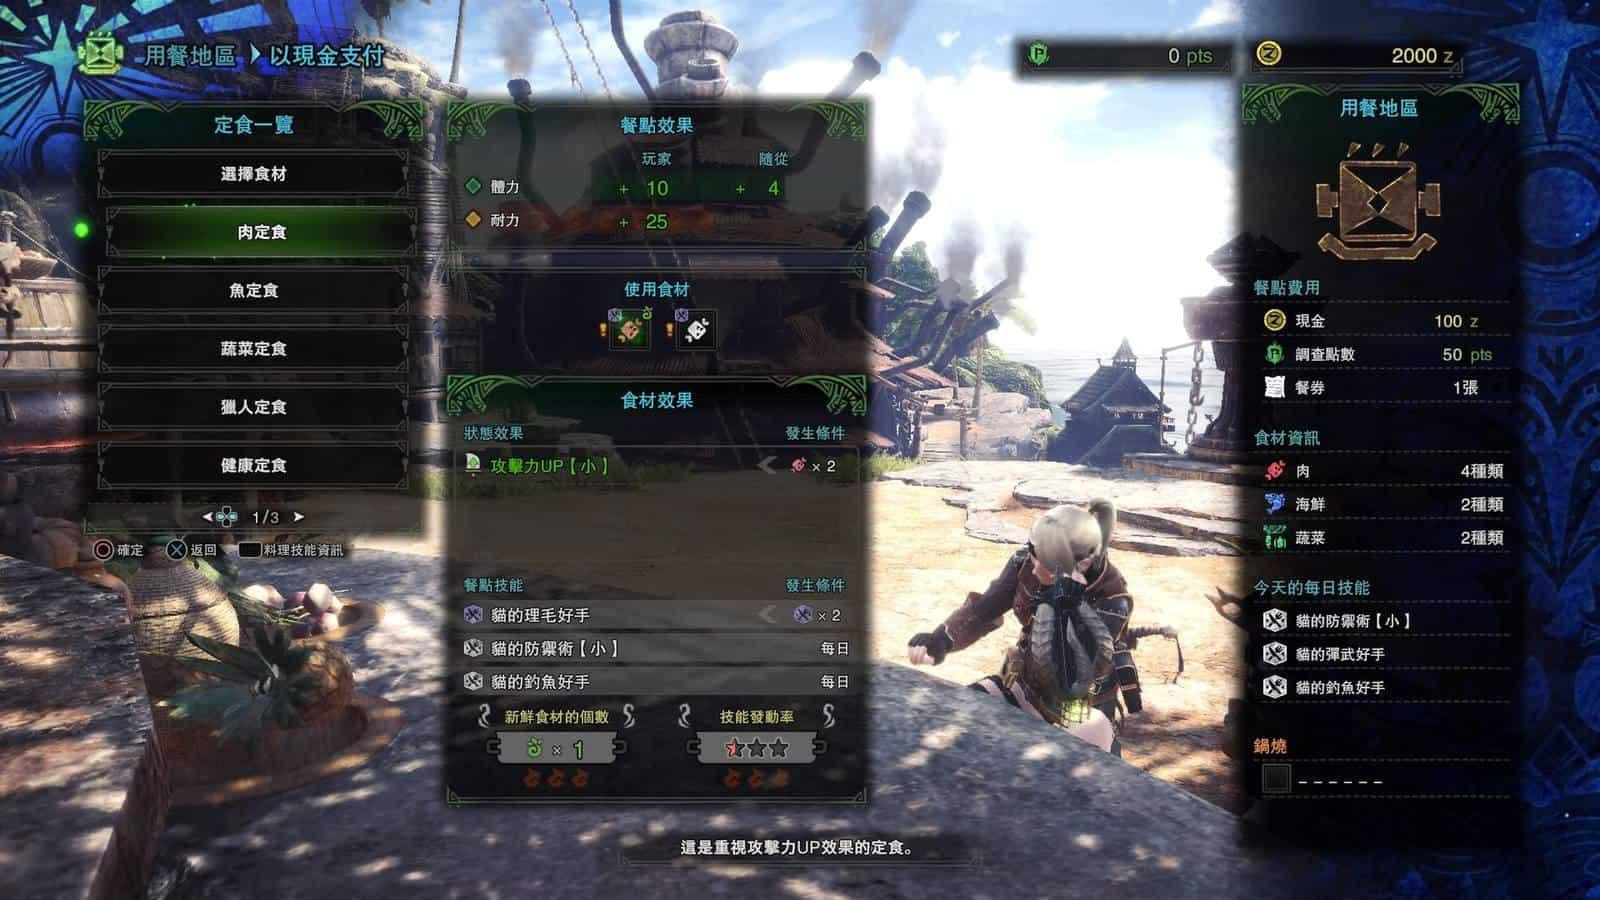 《Monster Hunter : World》PS4 繁體中文版更新 香港行貨發售日同步下載 - 香港 unwire.hk